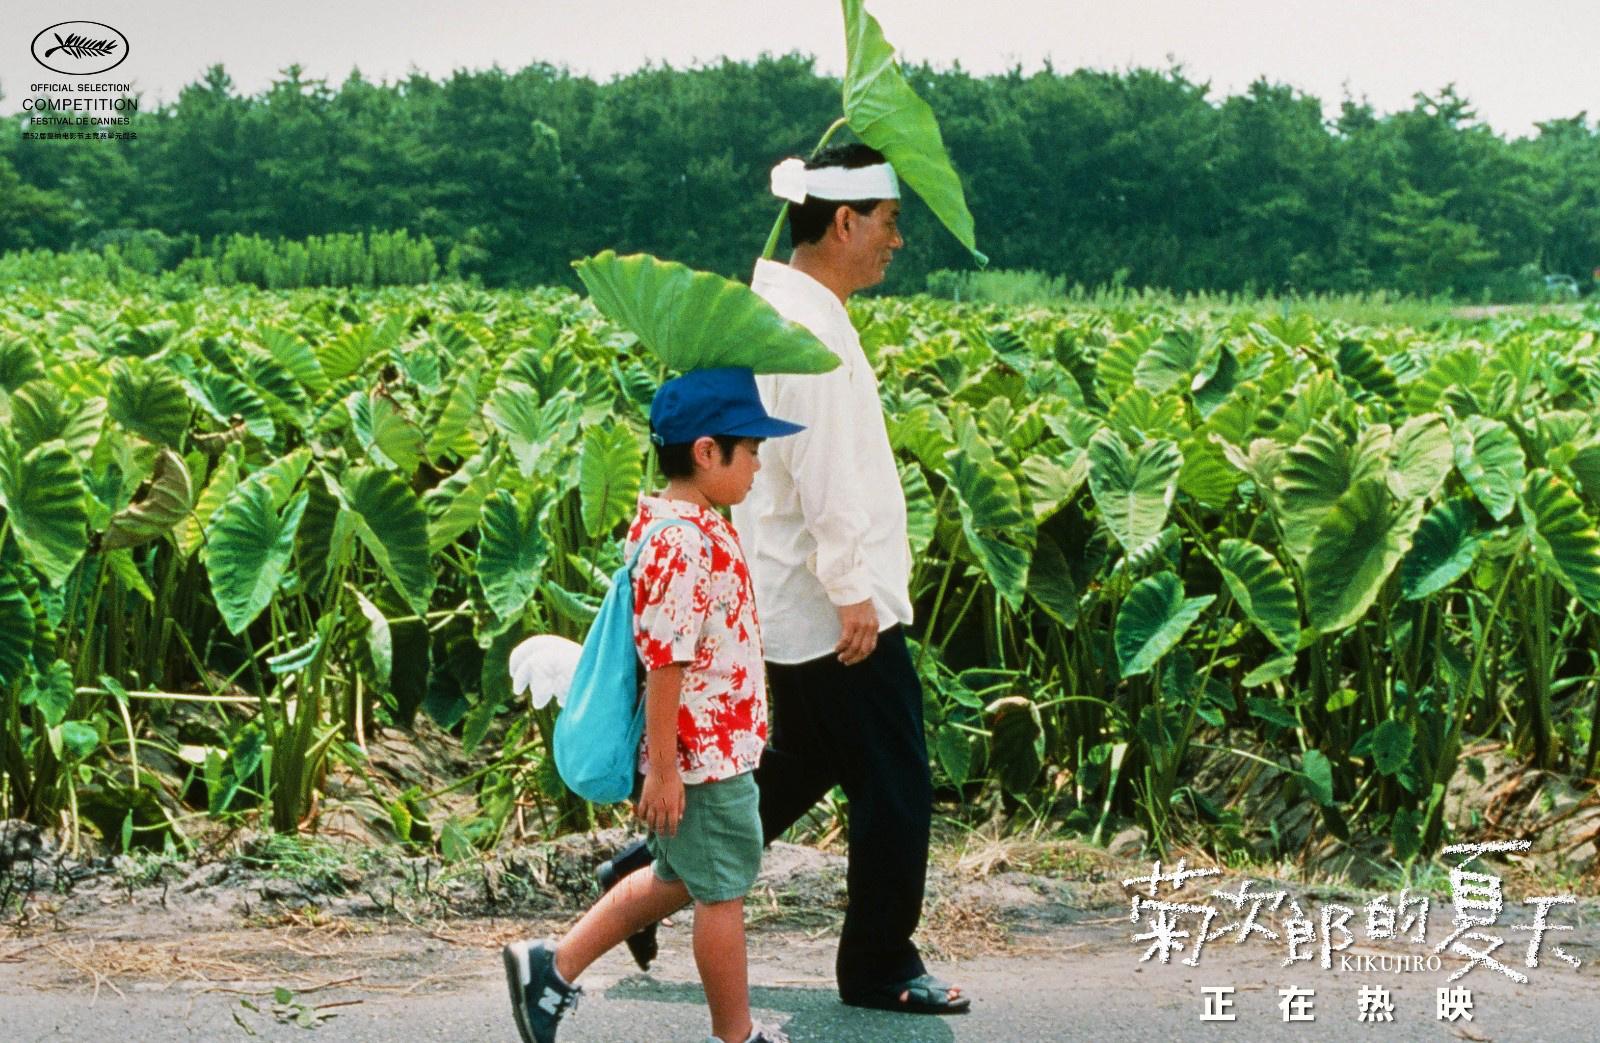 《菊次郎的夏天》曝五大看点 共赴影院告别夏天